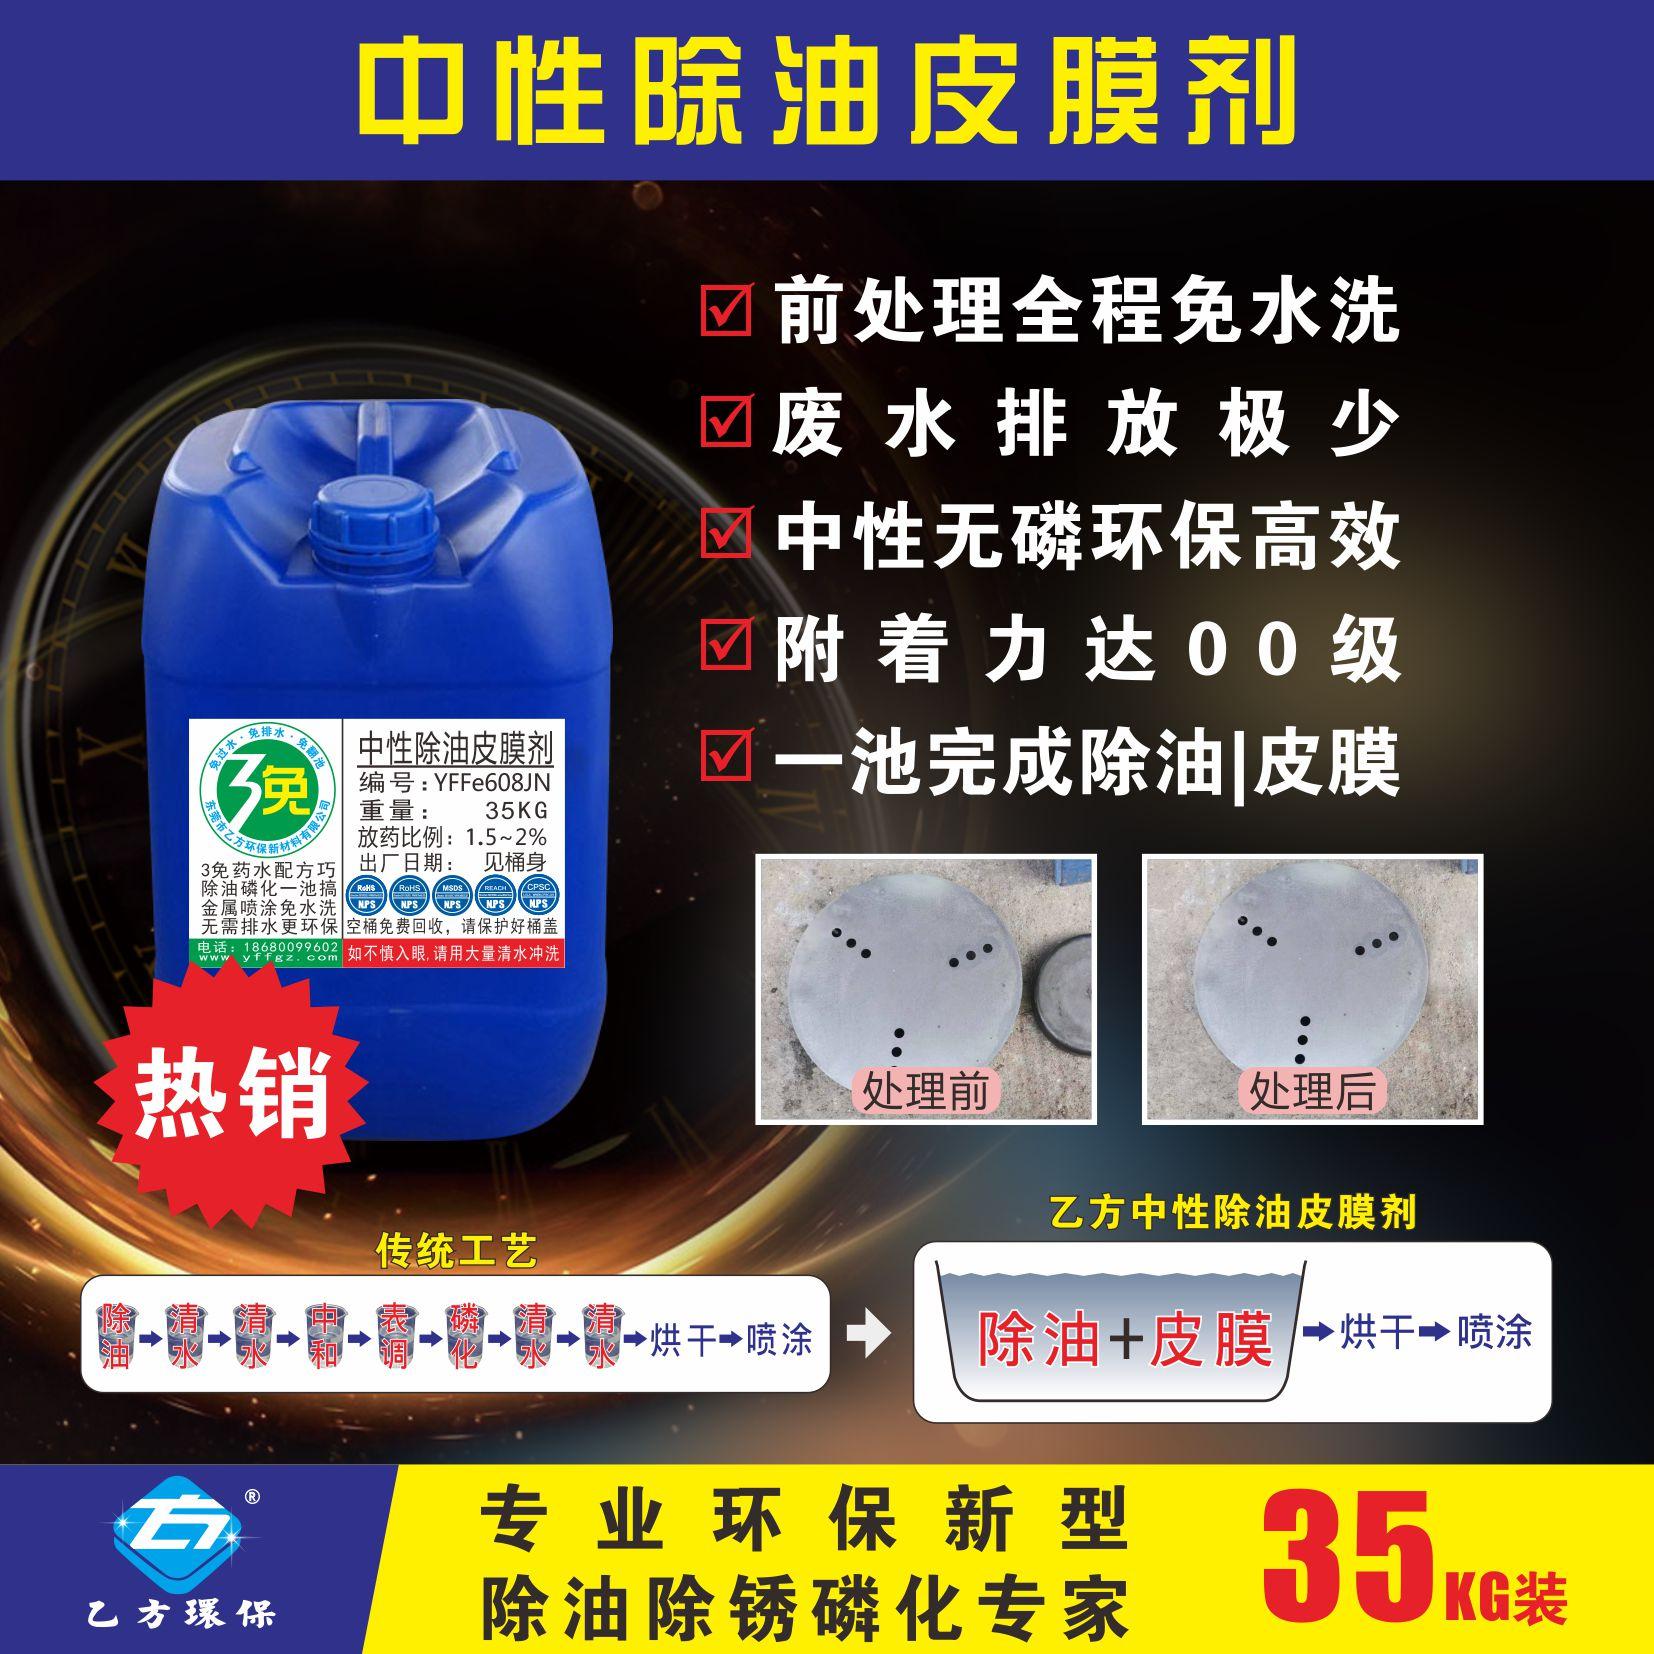 3免中性除油皮膜剂YFFe608JN 东莞钢铁金属五金钣金环保零排水前处理高效脱脂上膜